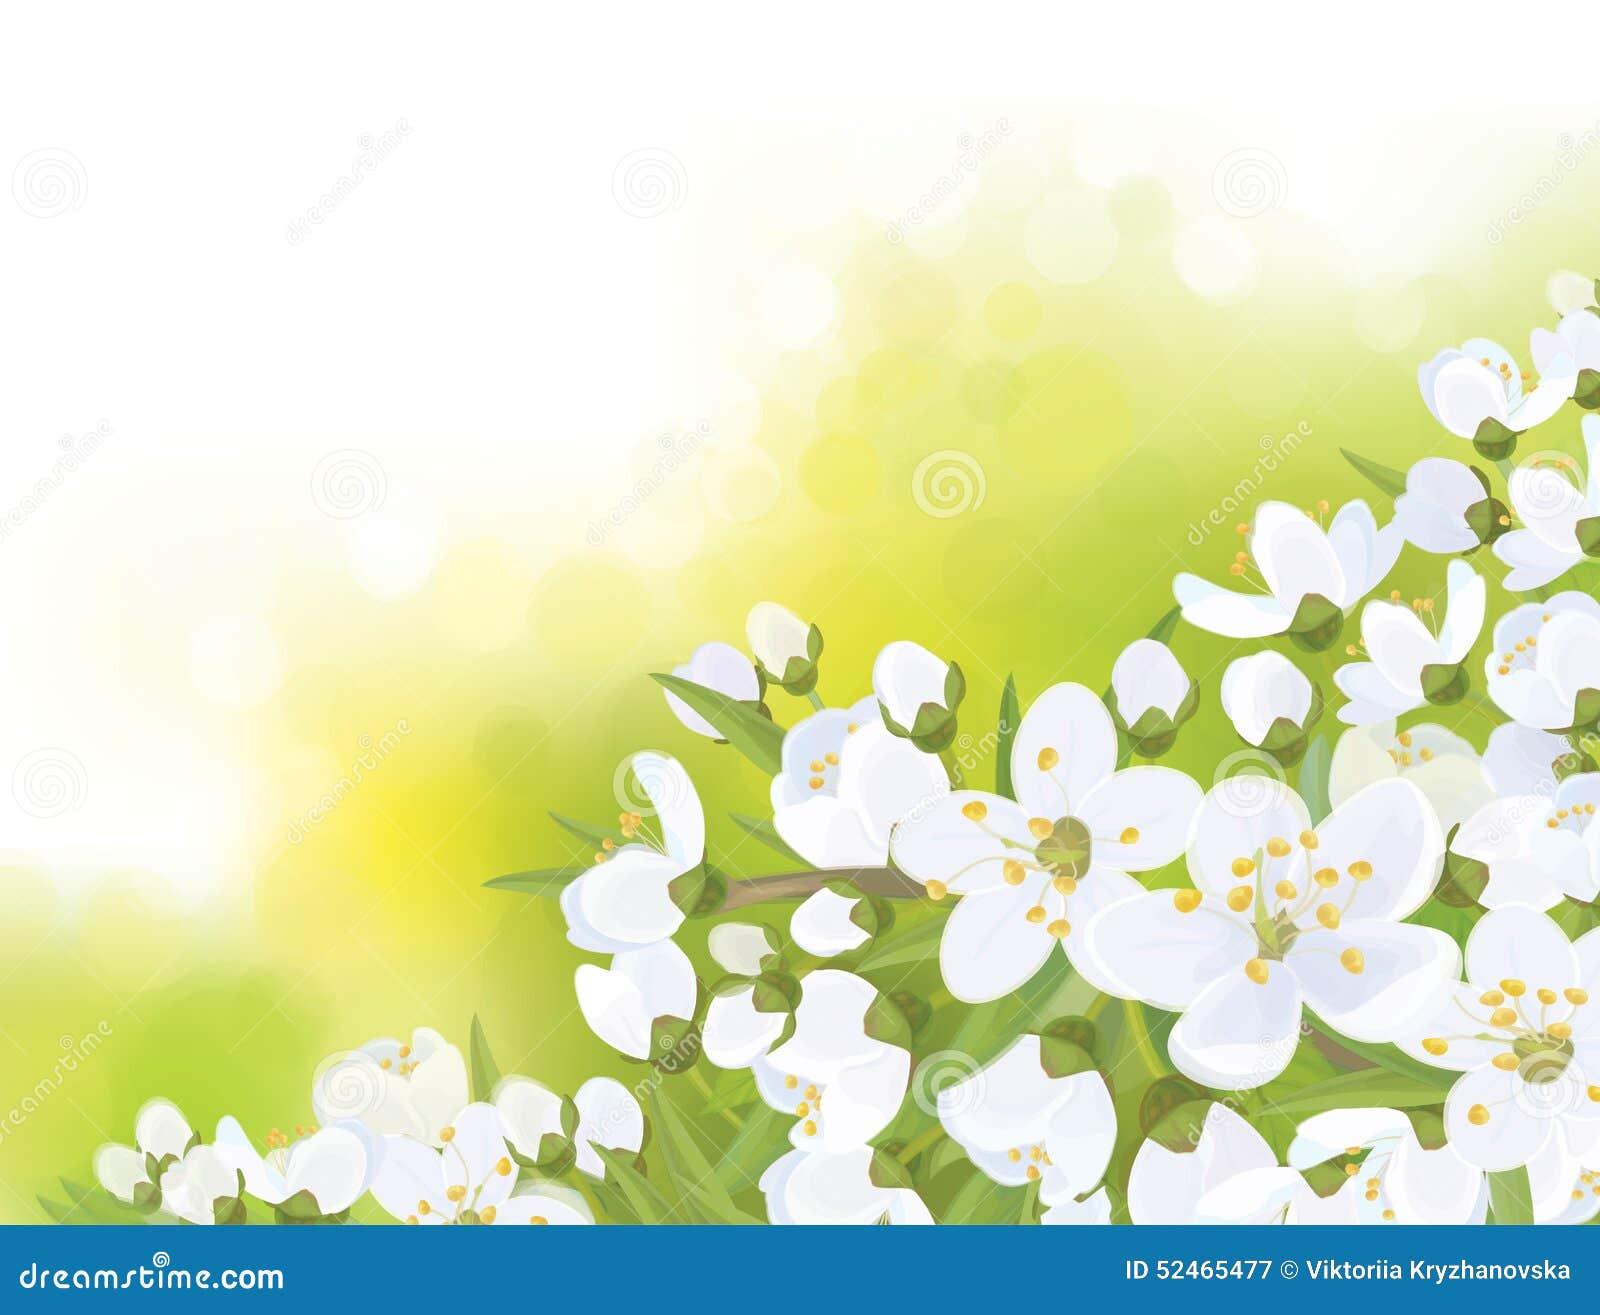 De vectorboom van de lente tot bloei komende sakura